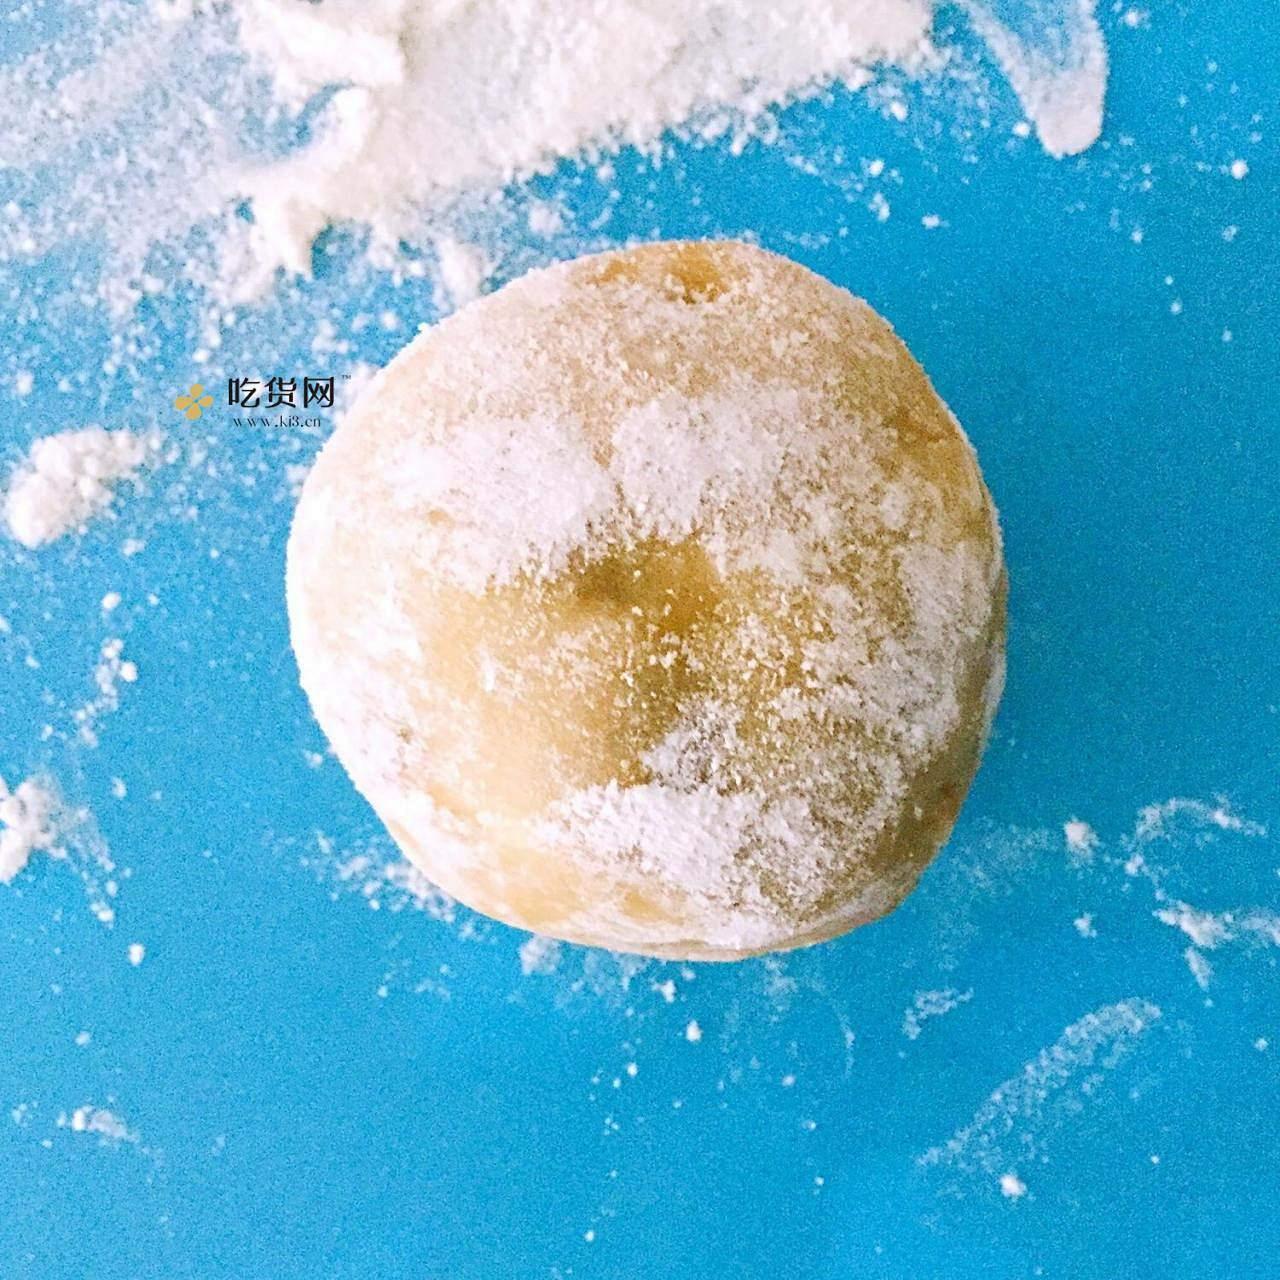 广式五仁月饼蜂蜜版(不用转化糖浆)的做法 步骤10